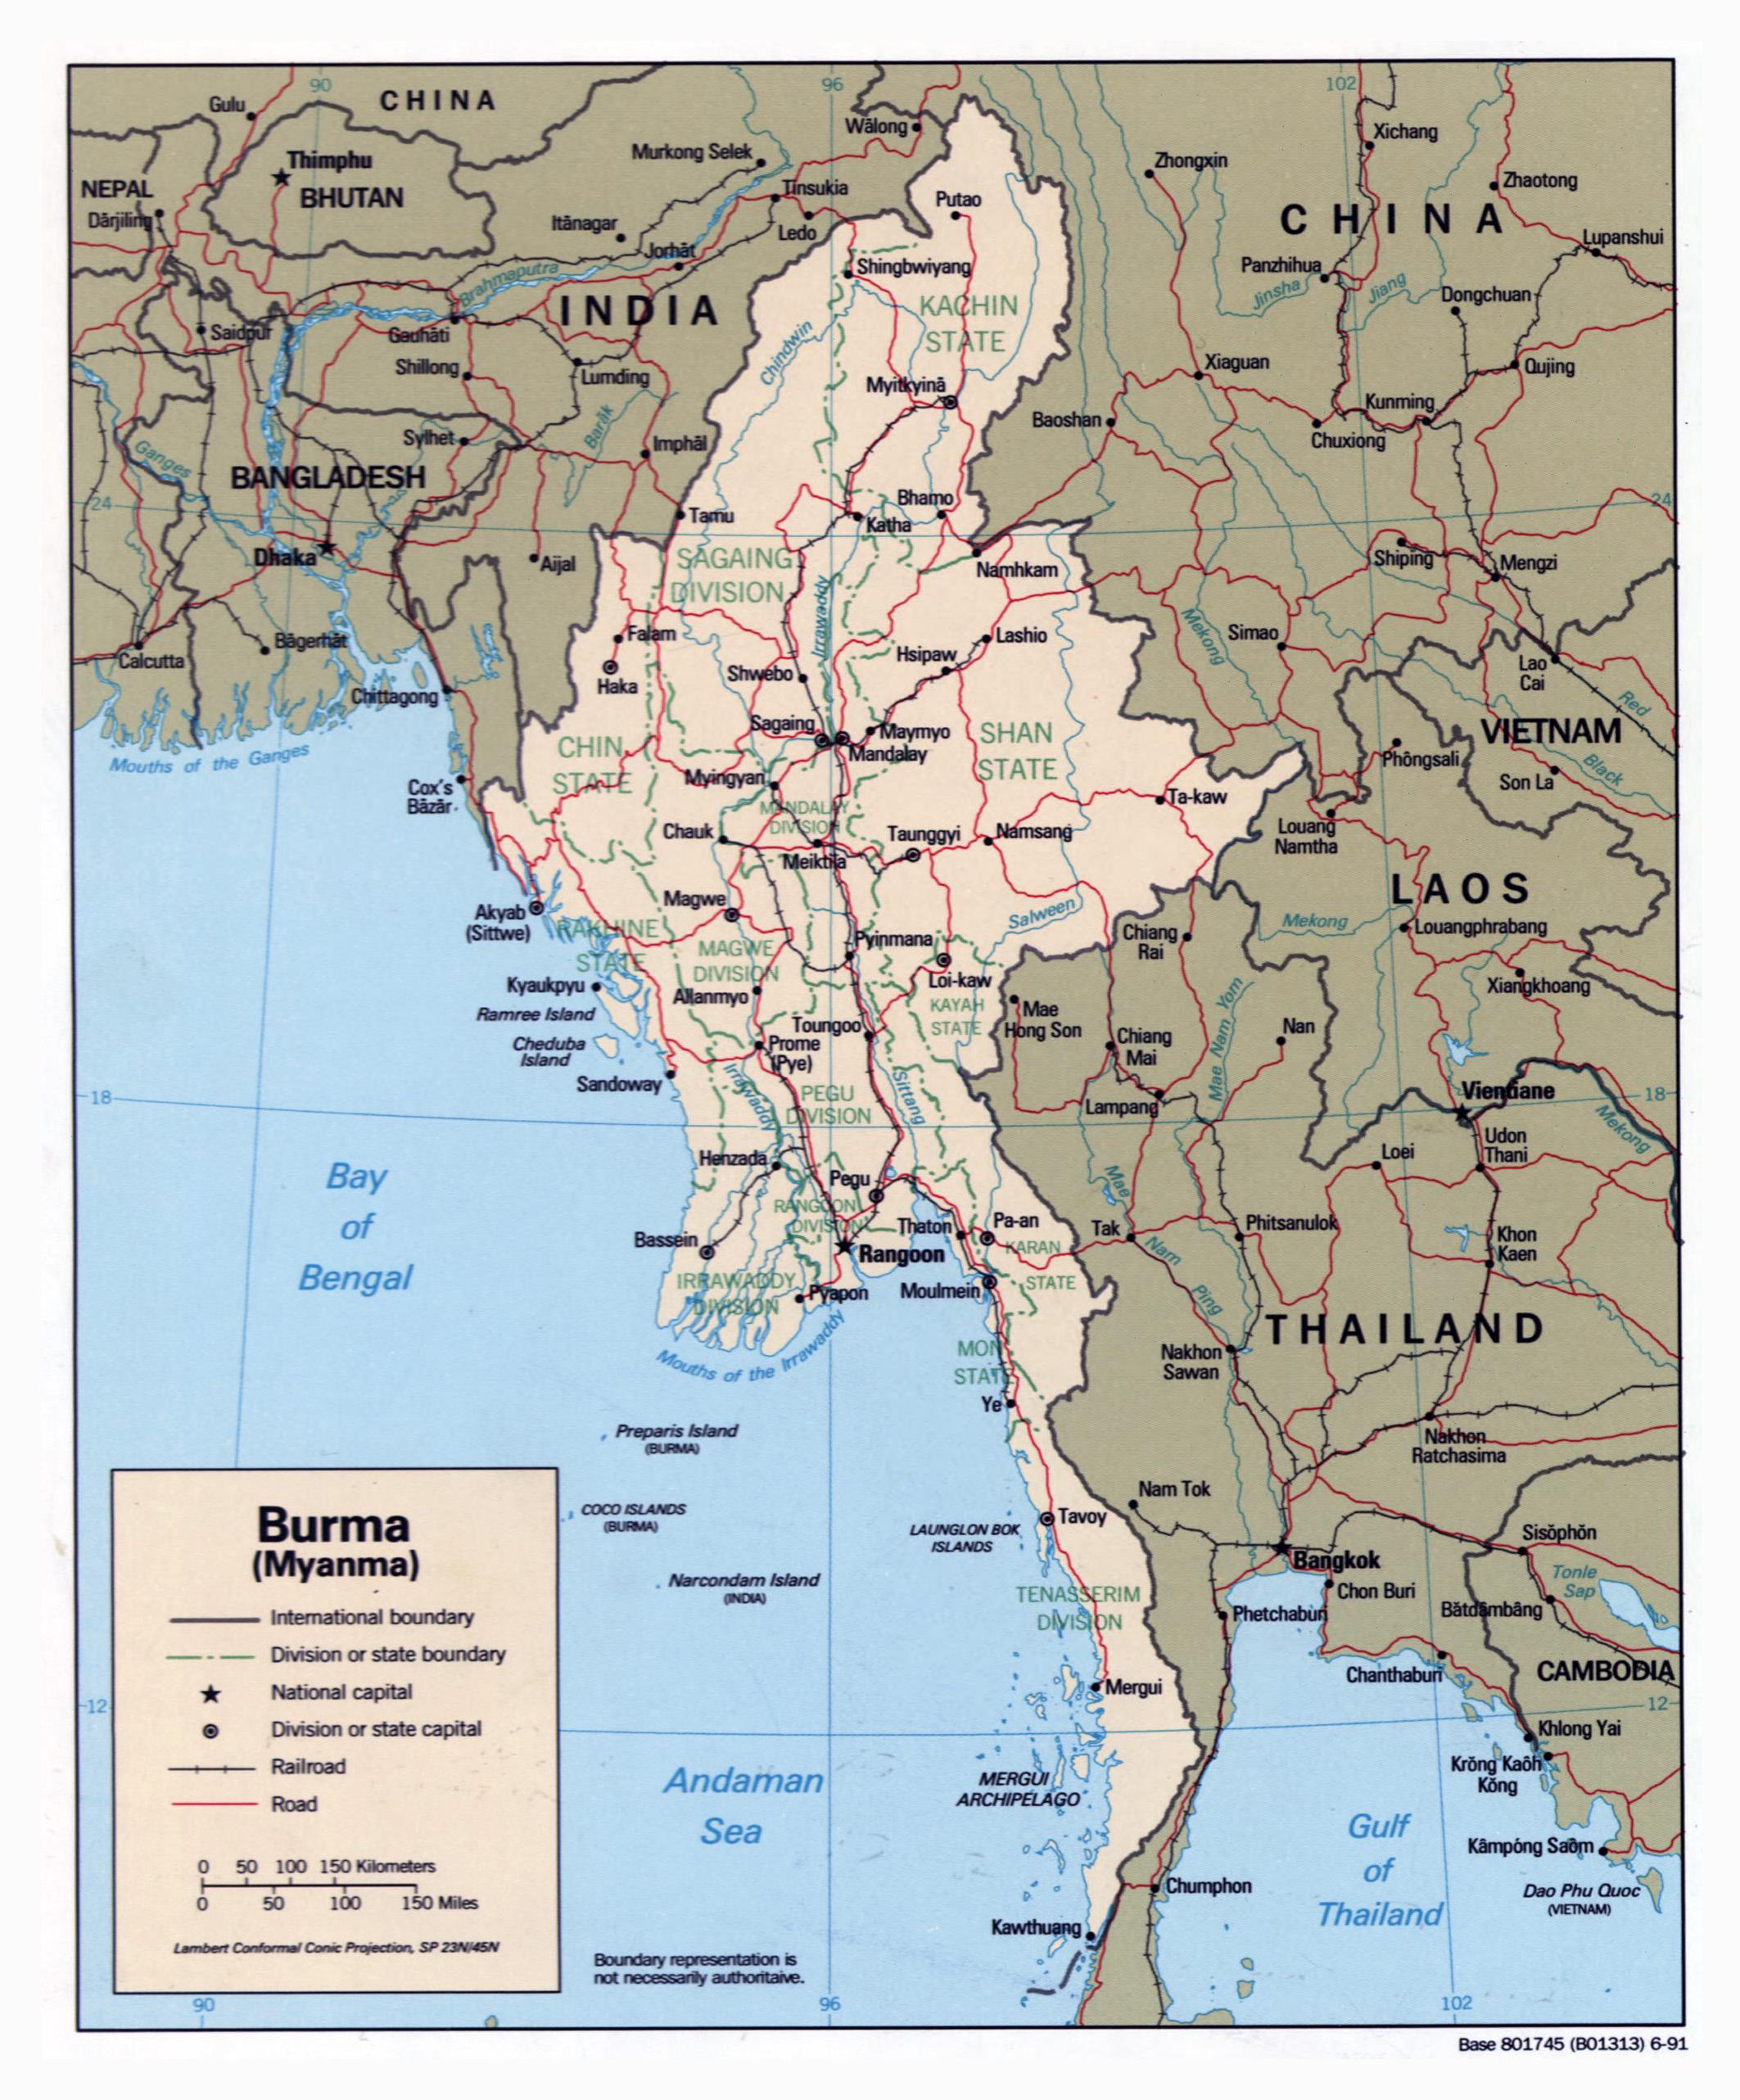 on zirco on map of burma